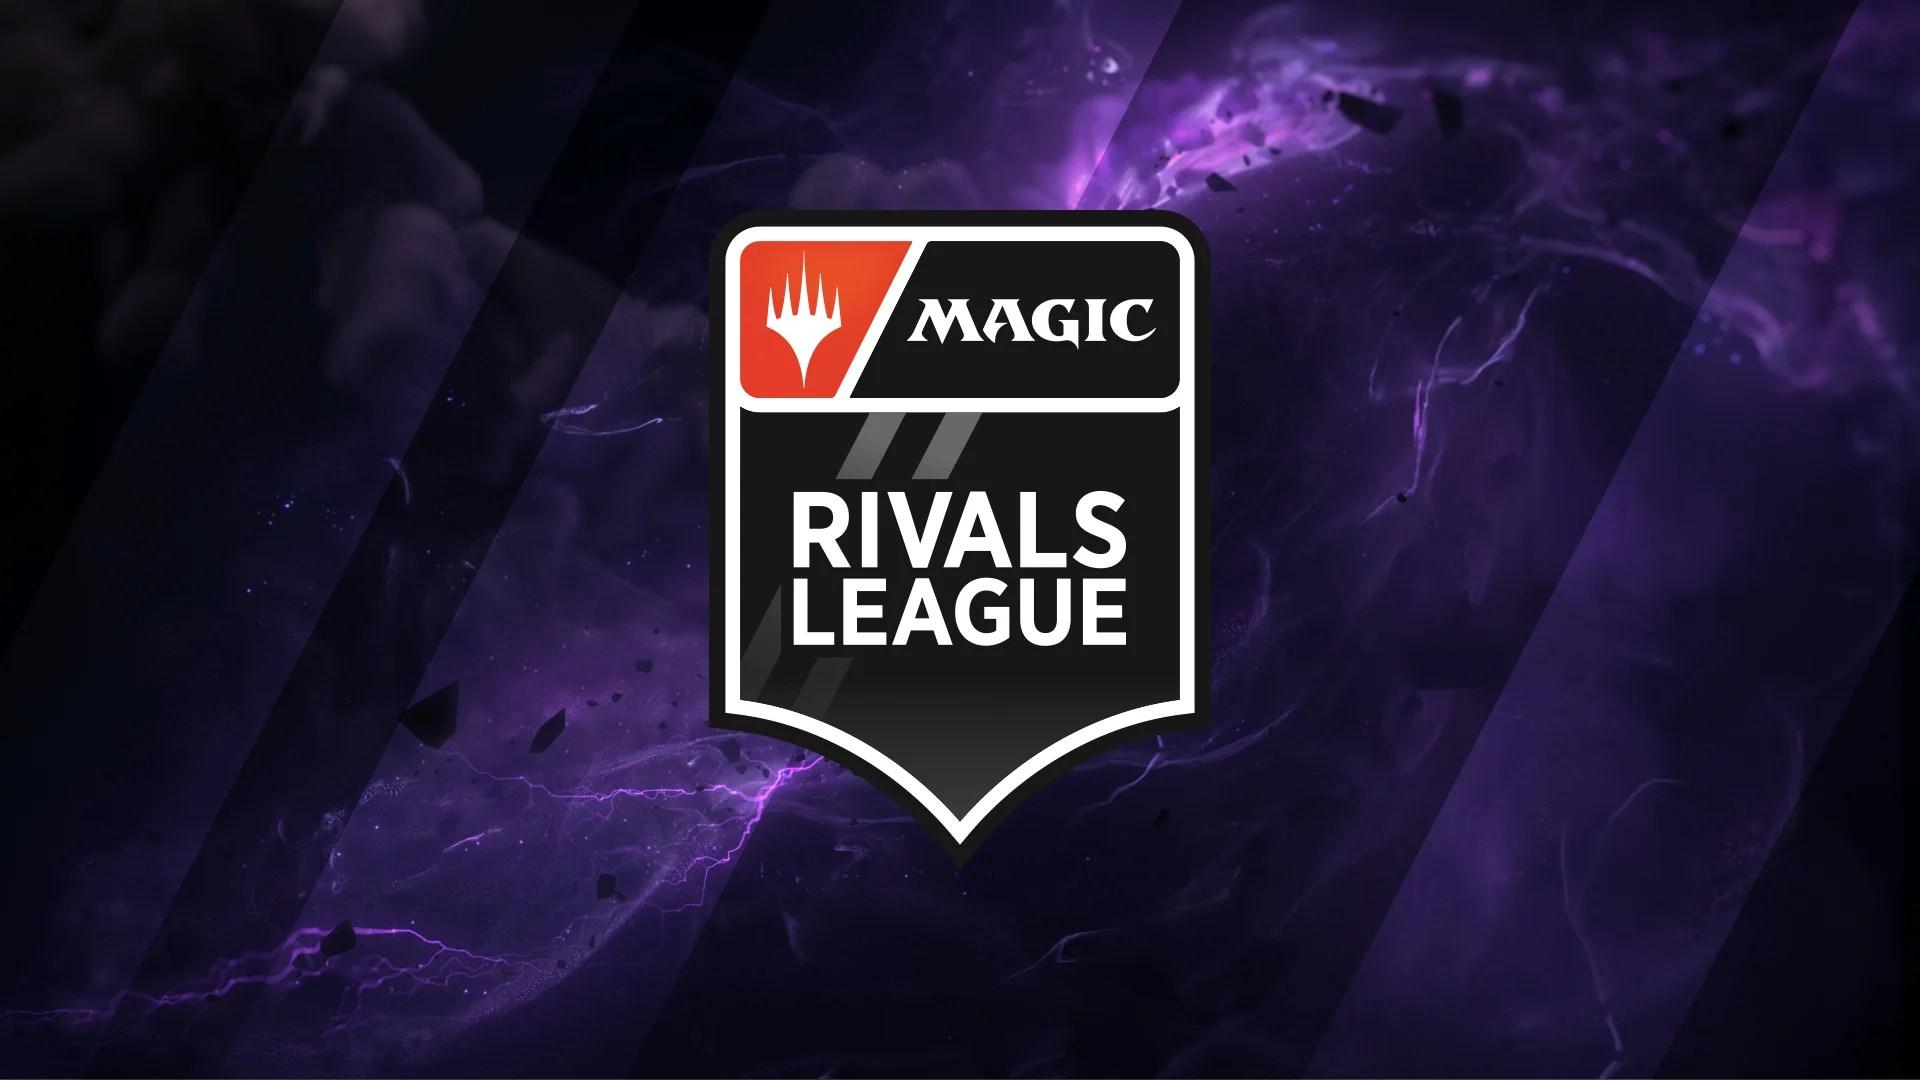 Rivals League